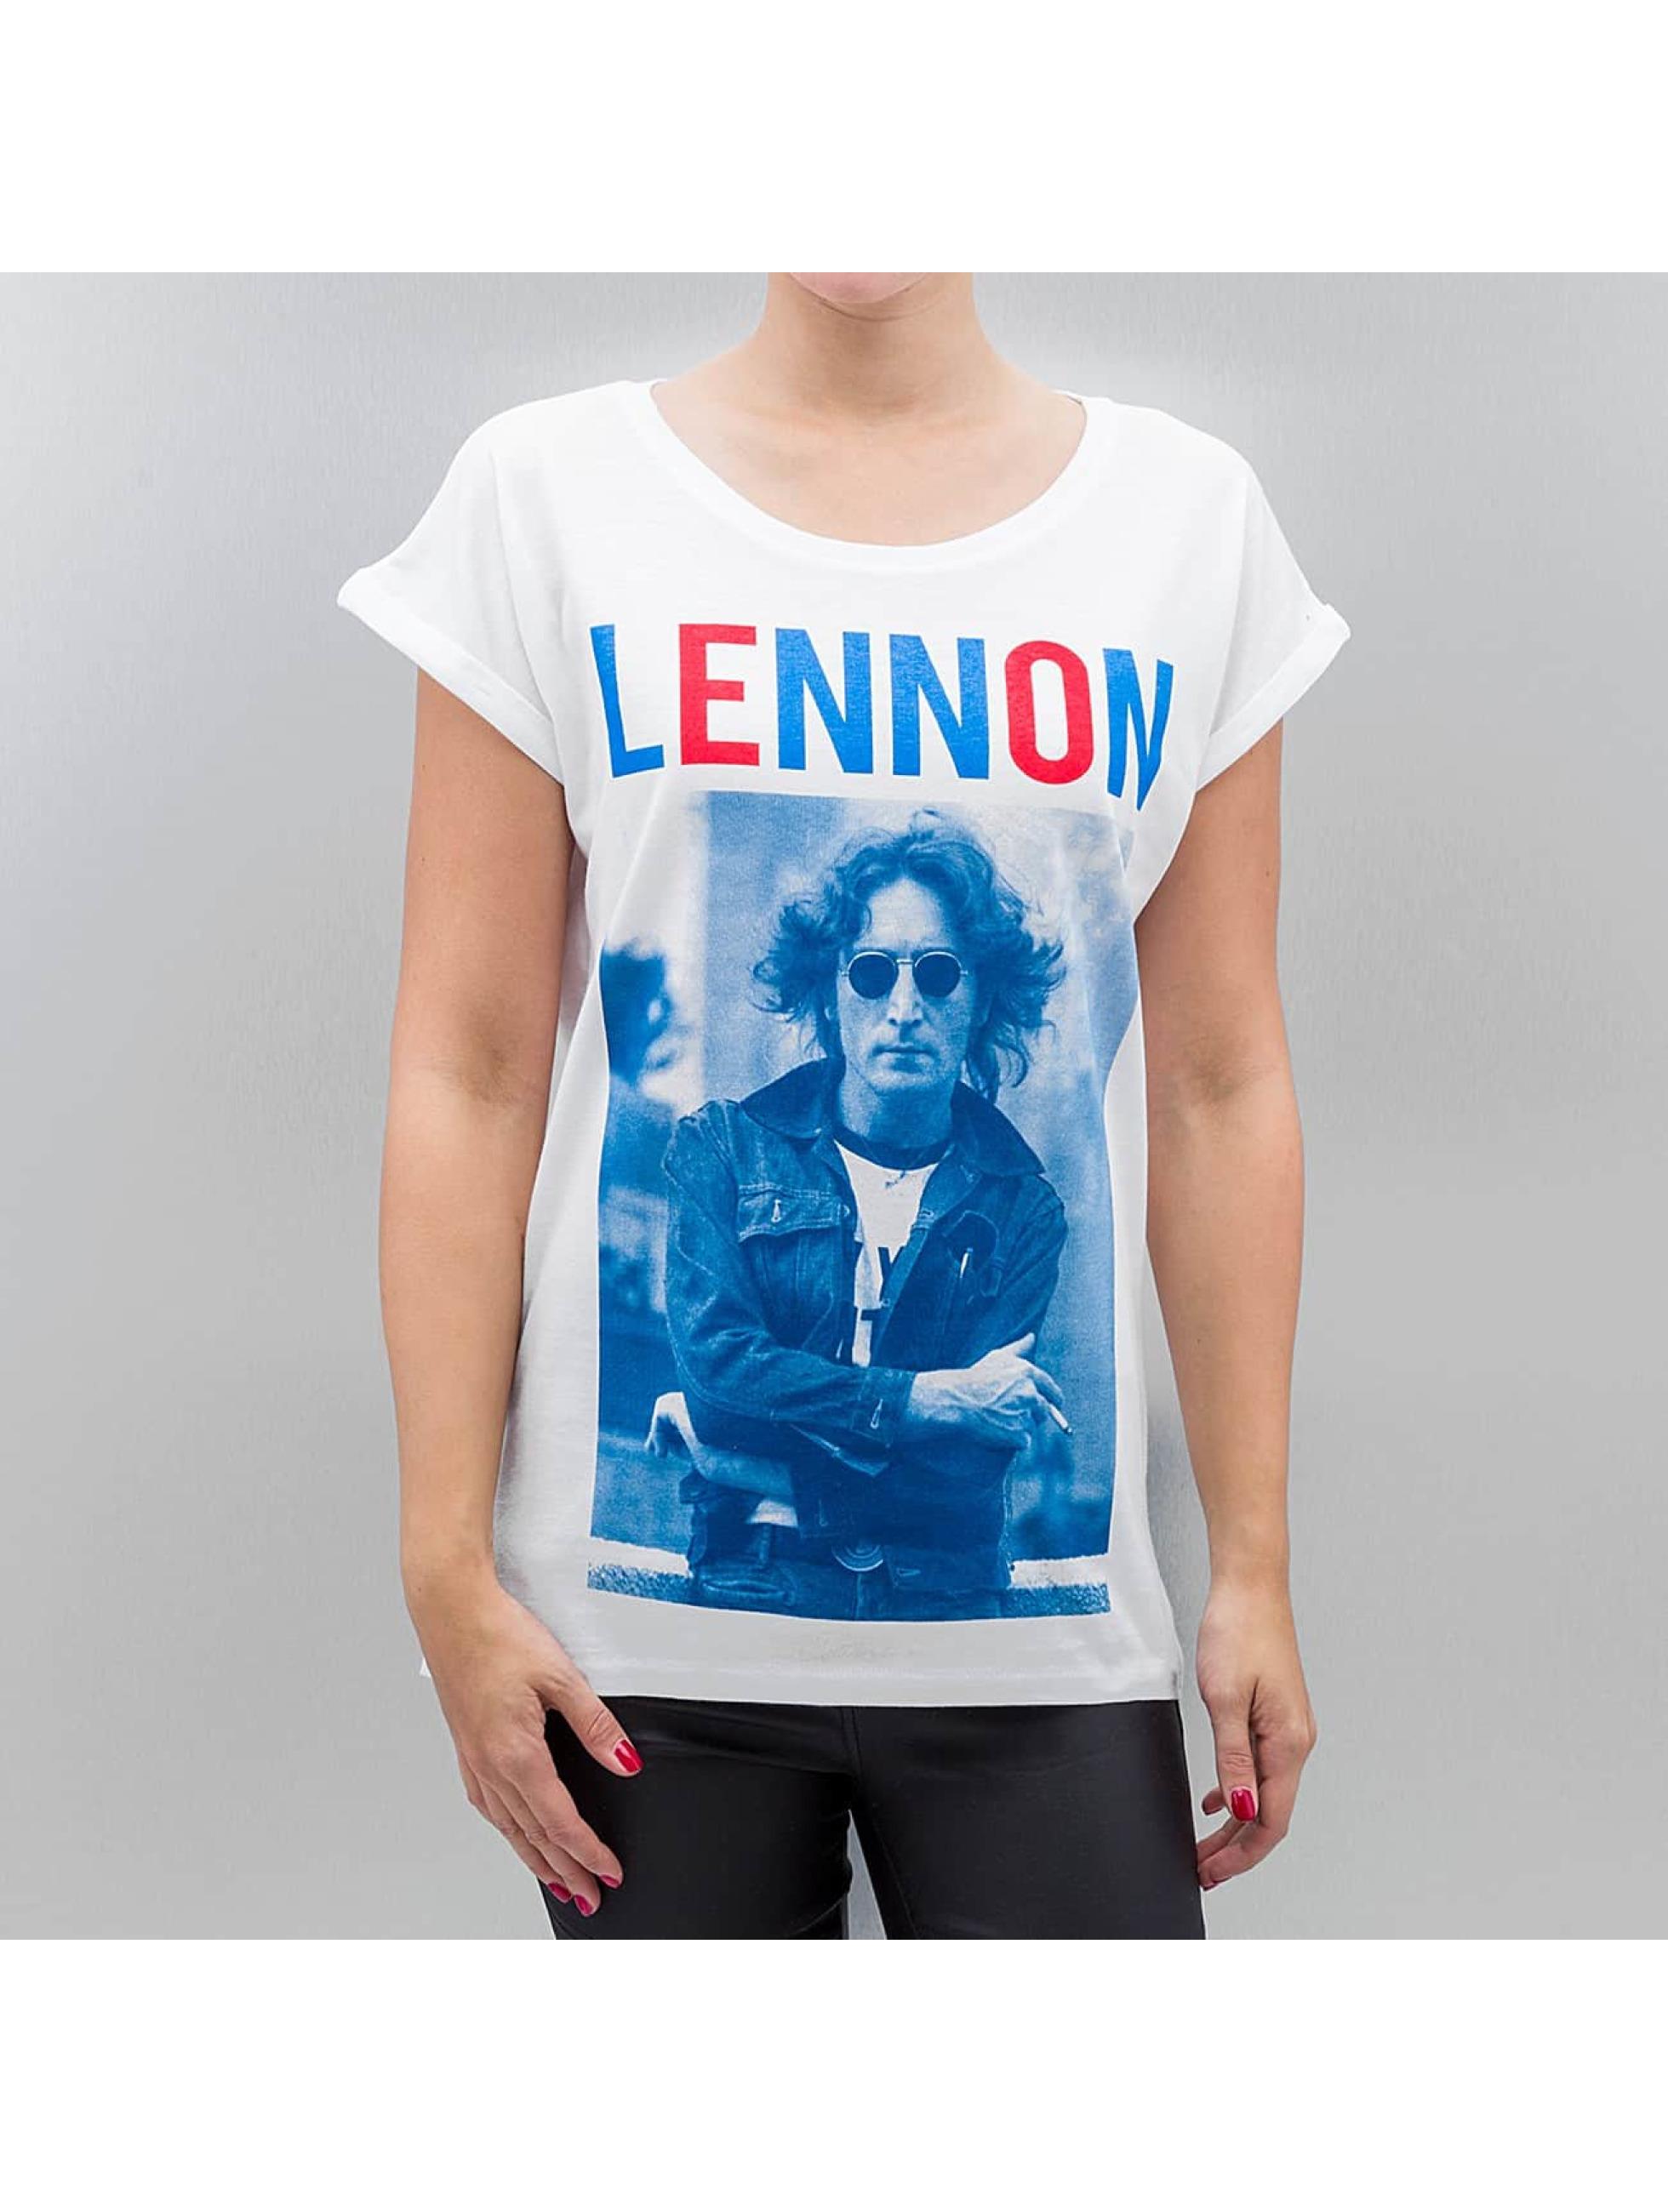 Mister Tee t-shirt Ladies John Lennon Bluered wit